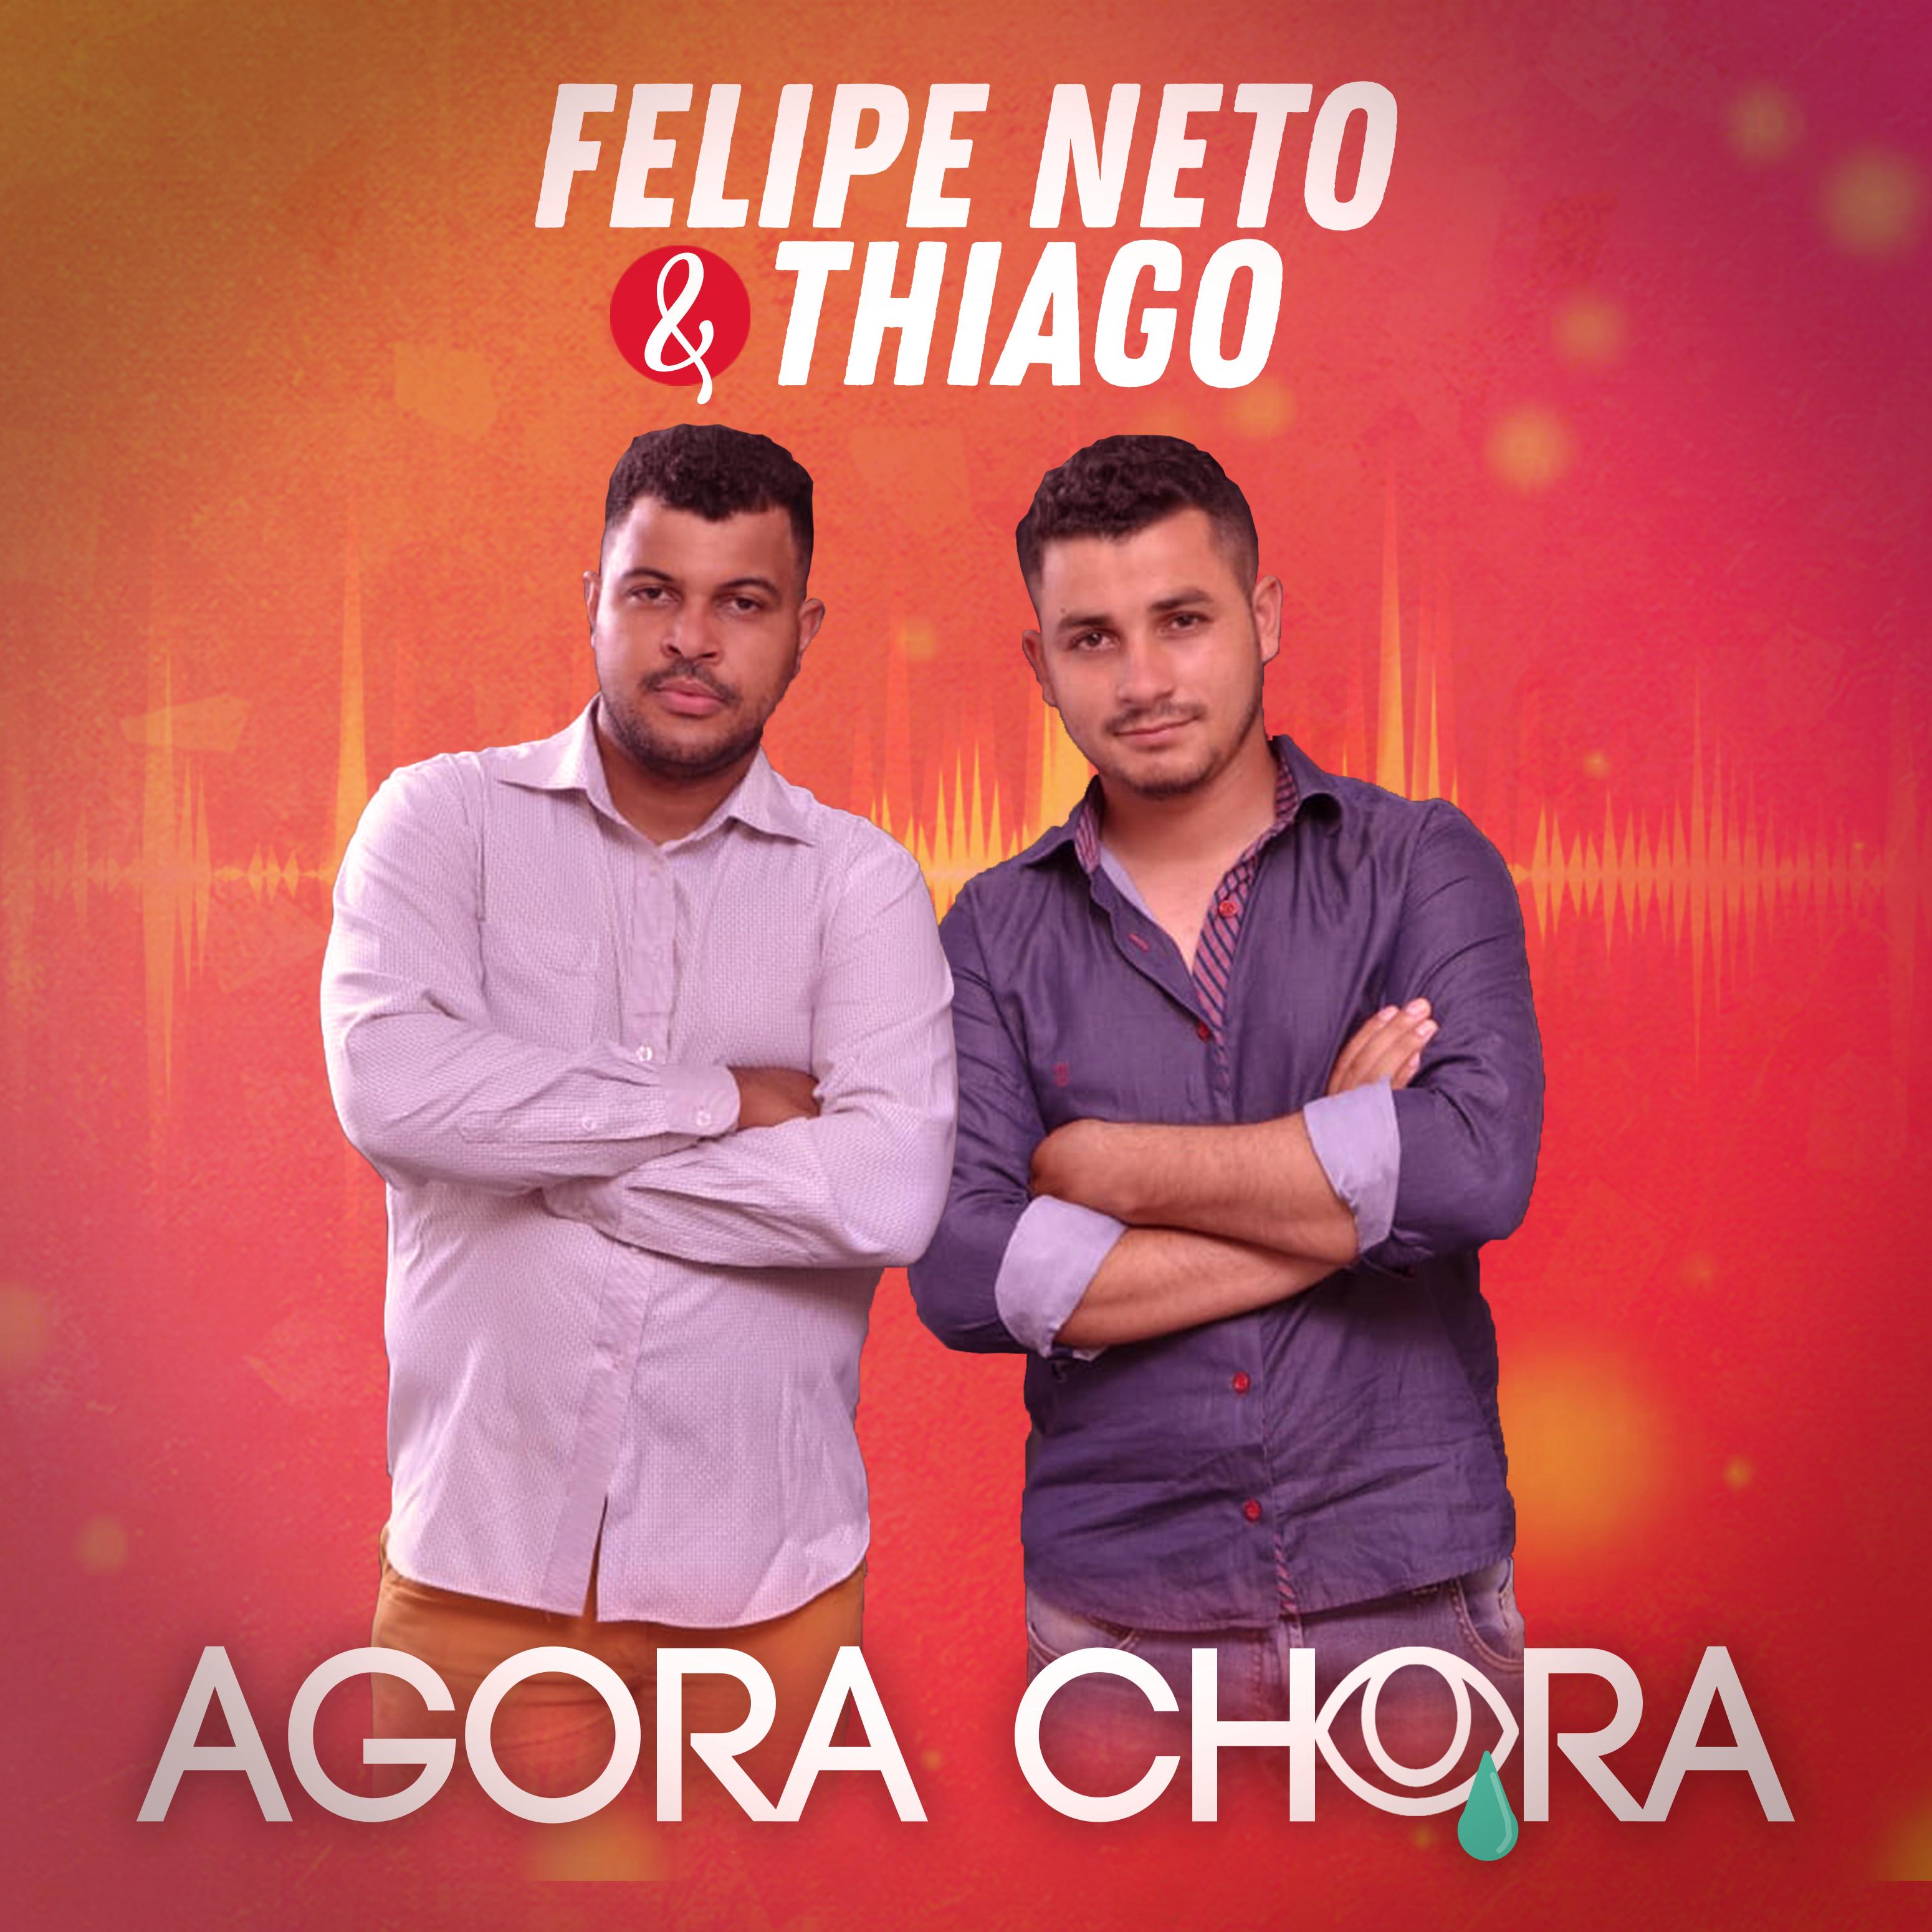 Felipe Neto & Thiago